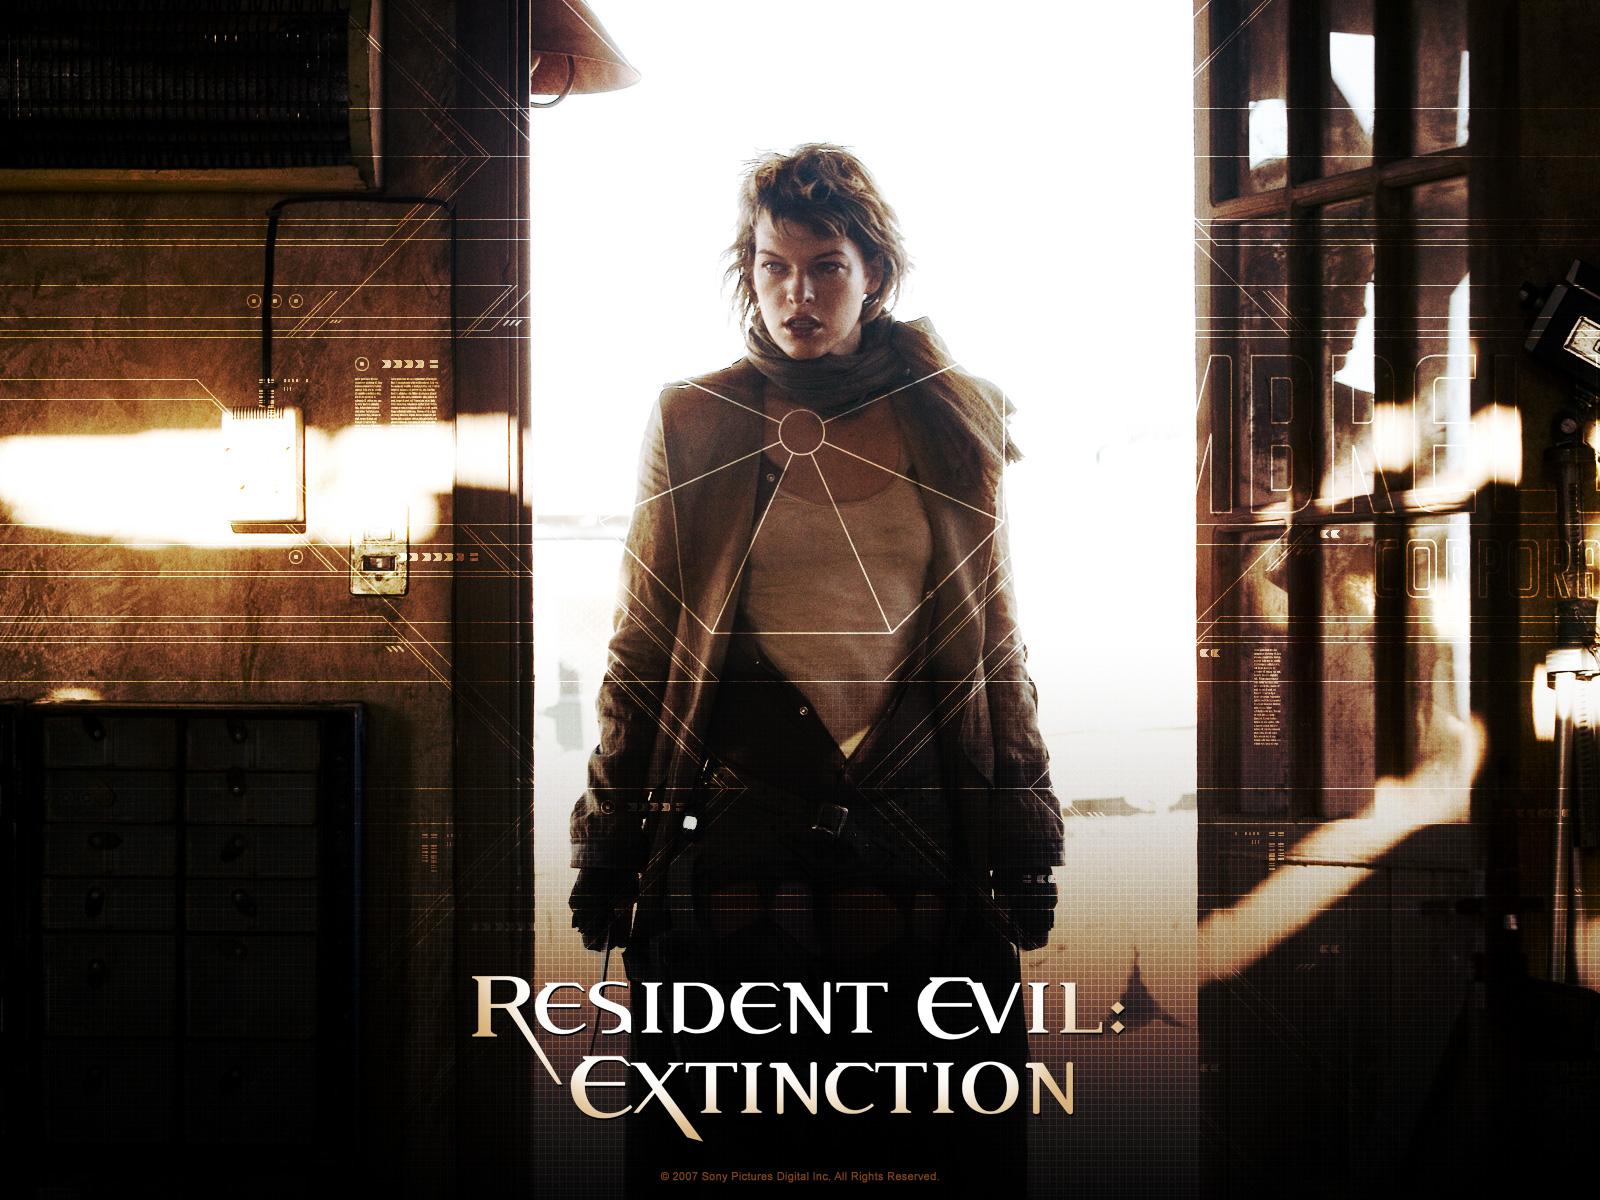 http://1.bp.blogspot.com/_aZglG_bXg-A/TM1s9vtPyKI/AAAAAAAAAPk/mquSMcMnxBU/s1600/Milla_Jovovich_in_Resident_Evil-_Extinction_Wallpaper_5_1280.jpg